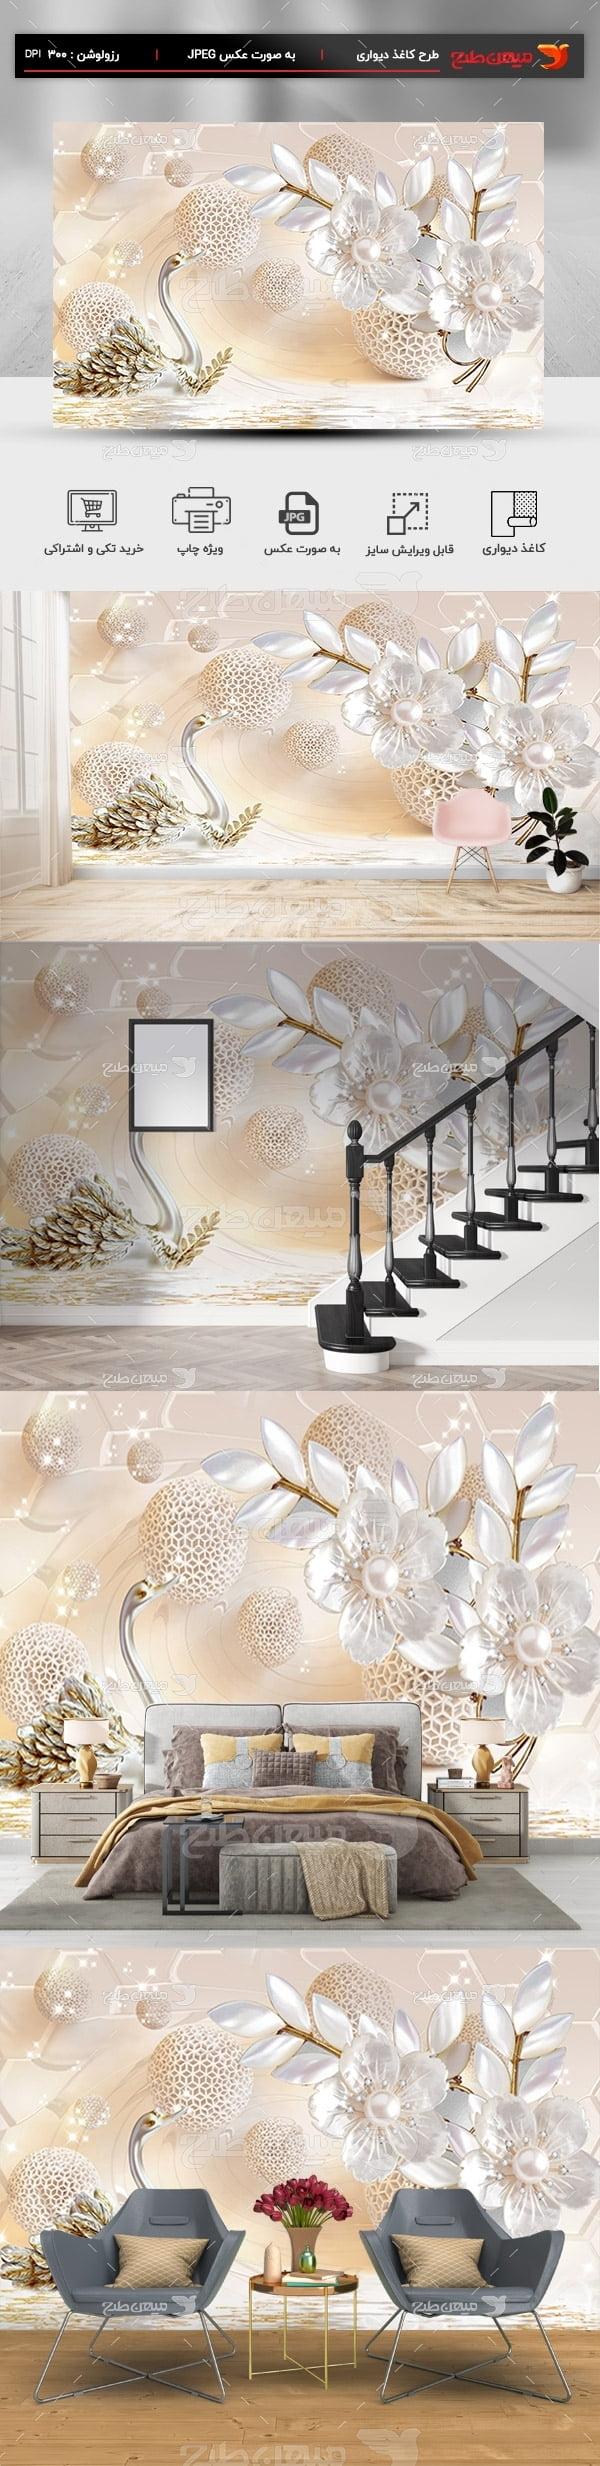 پوستر کاغذ دیواری سه بعدی کرم با طرح گل سفید